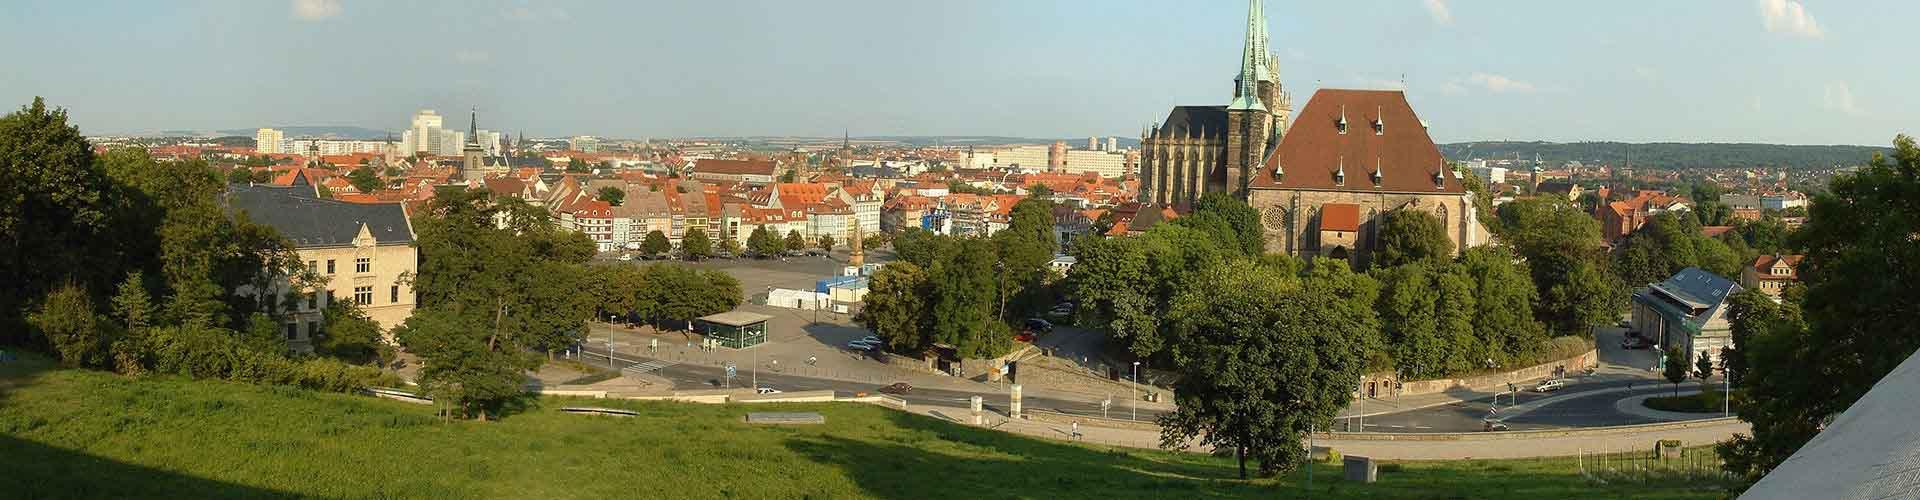 Erfurt - Camping à Erfurt. Cartes pour Erfurt, photos et commentaires pour chaque Camping à Erfurt.